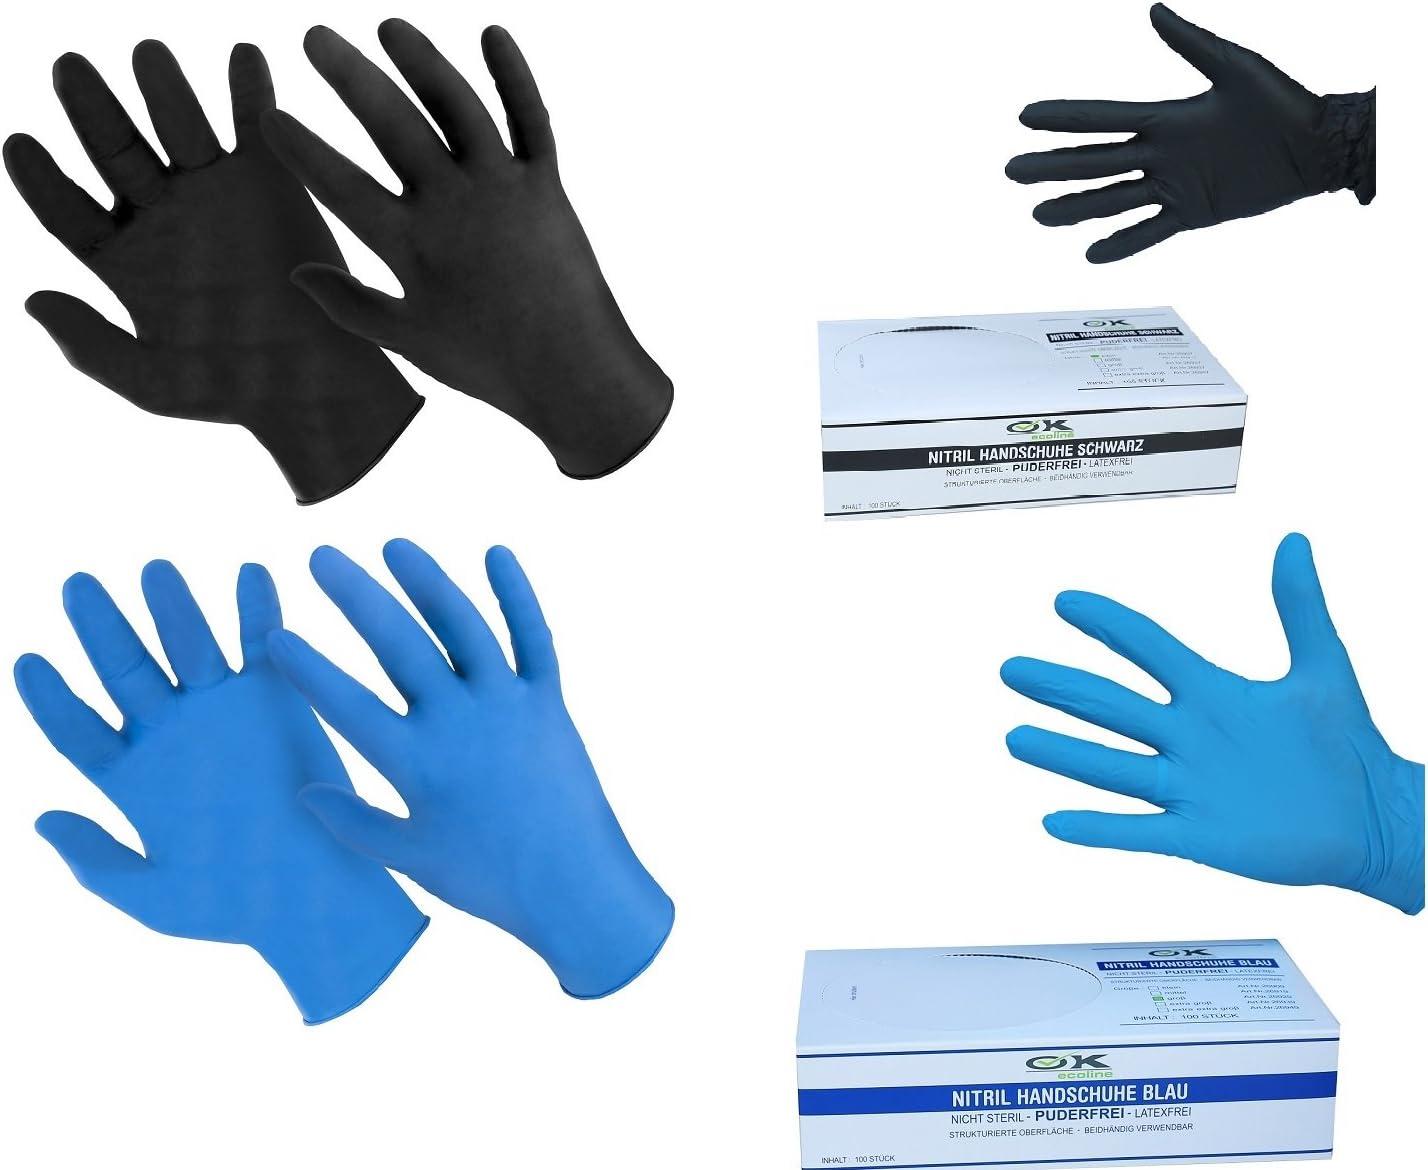 100 St/ück puderfrei antiallergisch Medium verschlei/ßfest Blau latexfrei Hseamall Einweghandschuhe Nitril 100